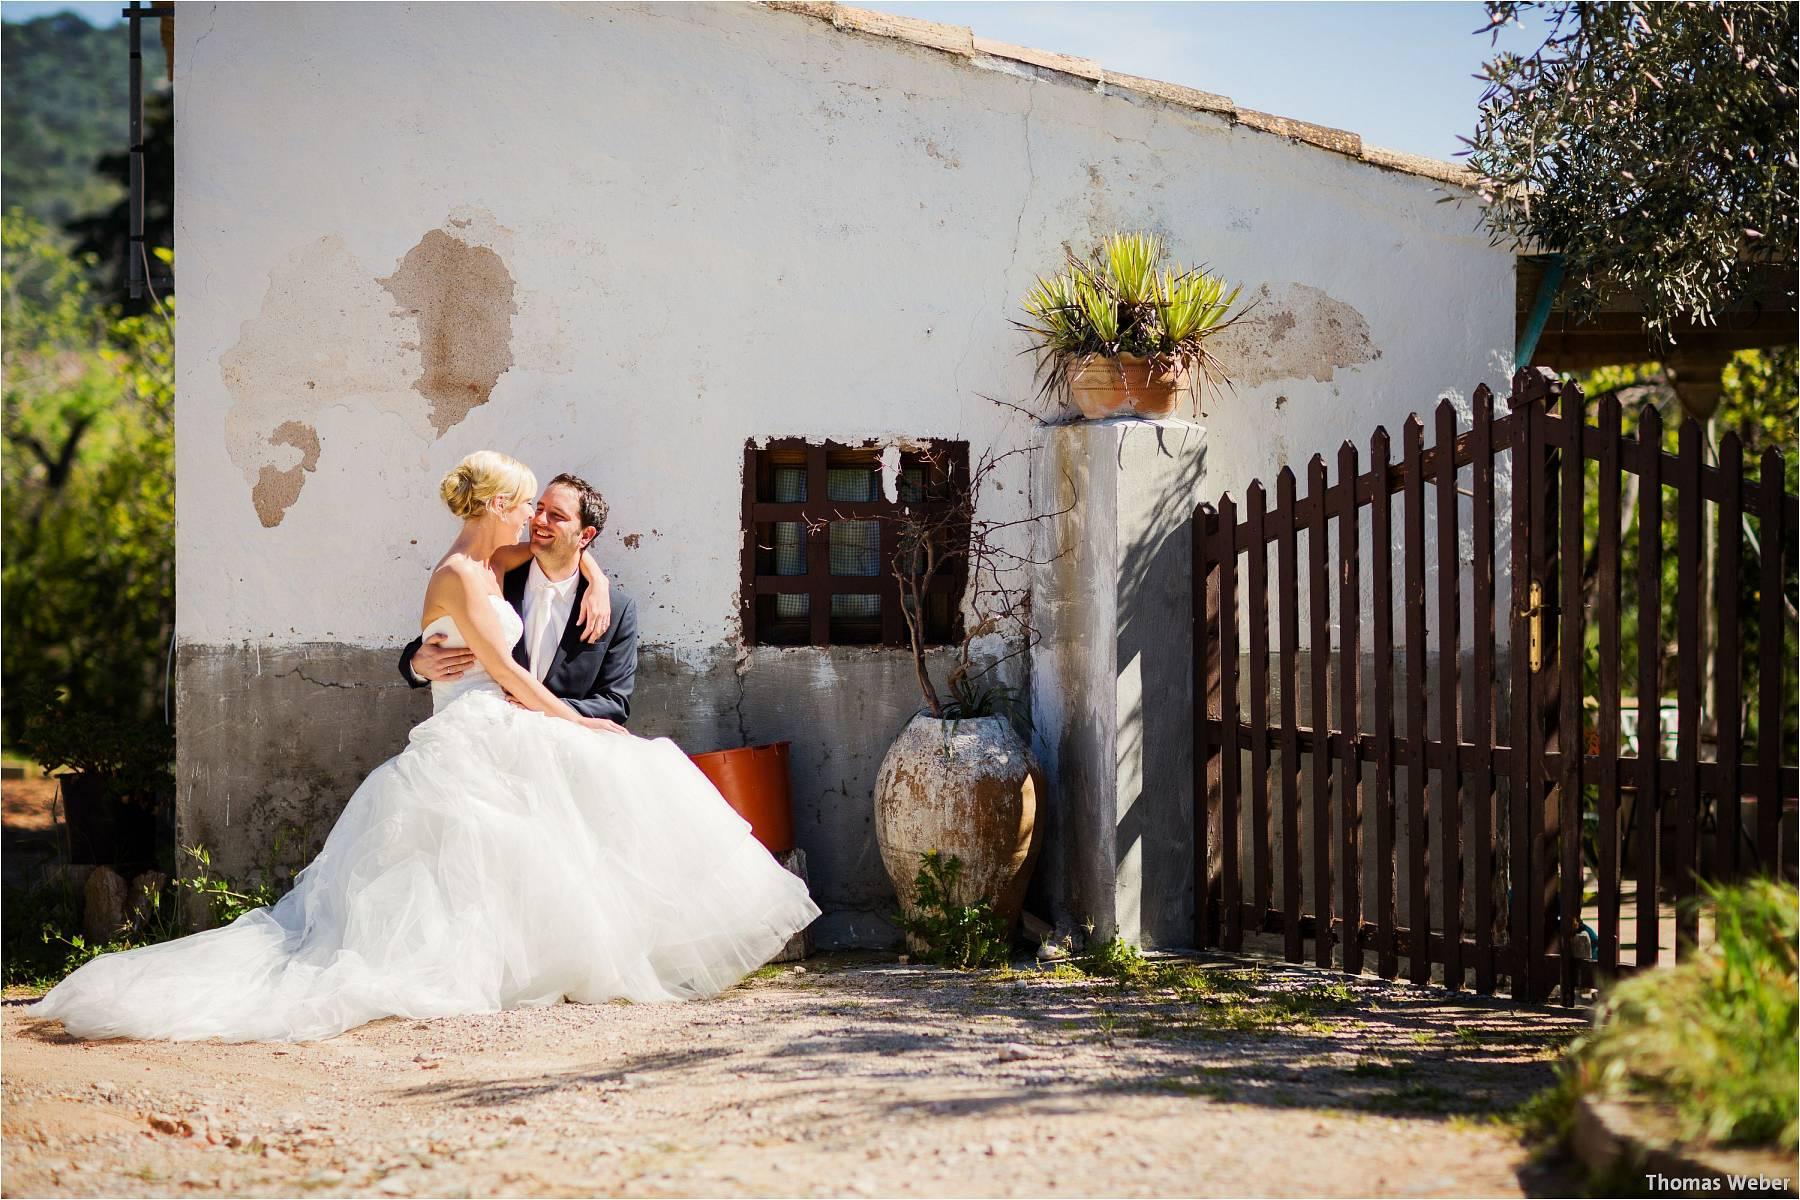 Hochzeitsfotograf Mallorca: Hochzeitsportraits beim After Wedding Shooting auf Mallorca (3)